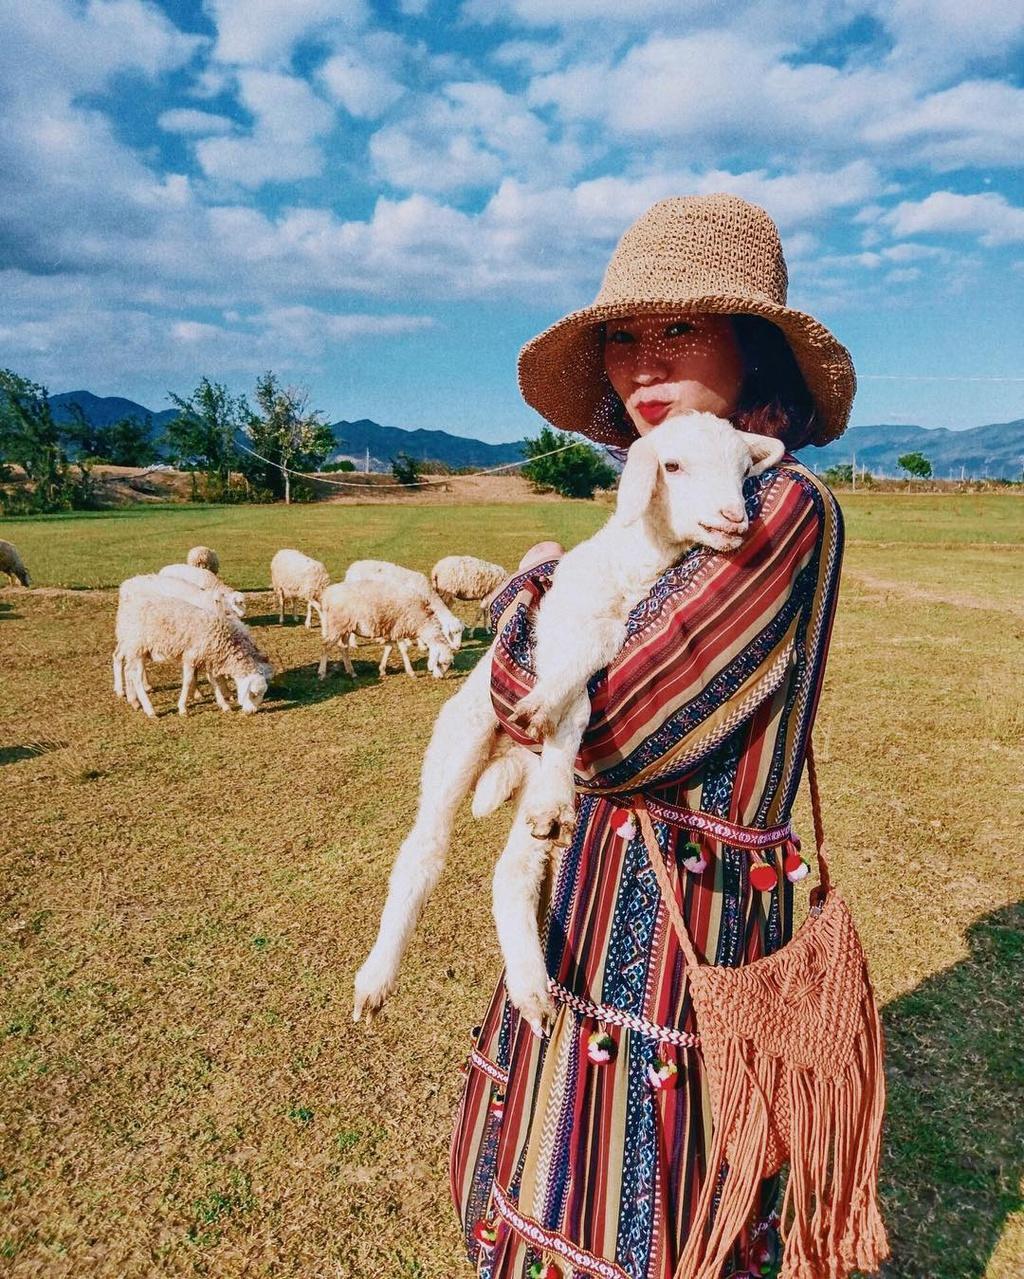 Lạc vào miền quê châu Âu tại 4 đồng cừu Việt Nam Ảnh 4